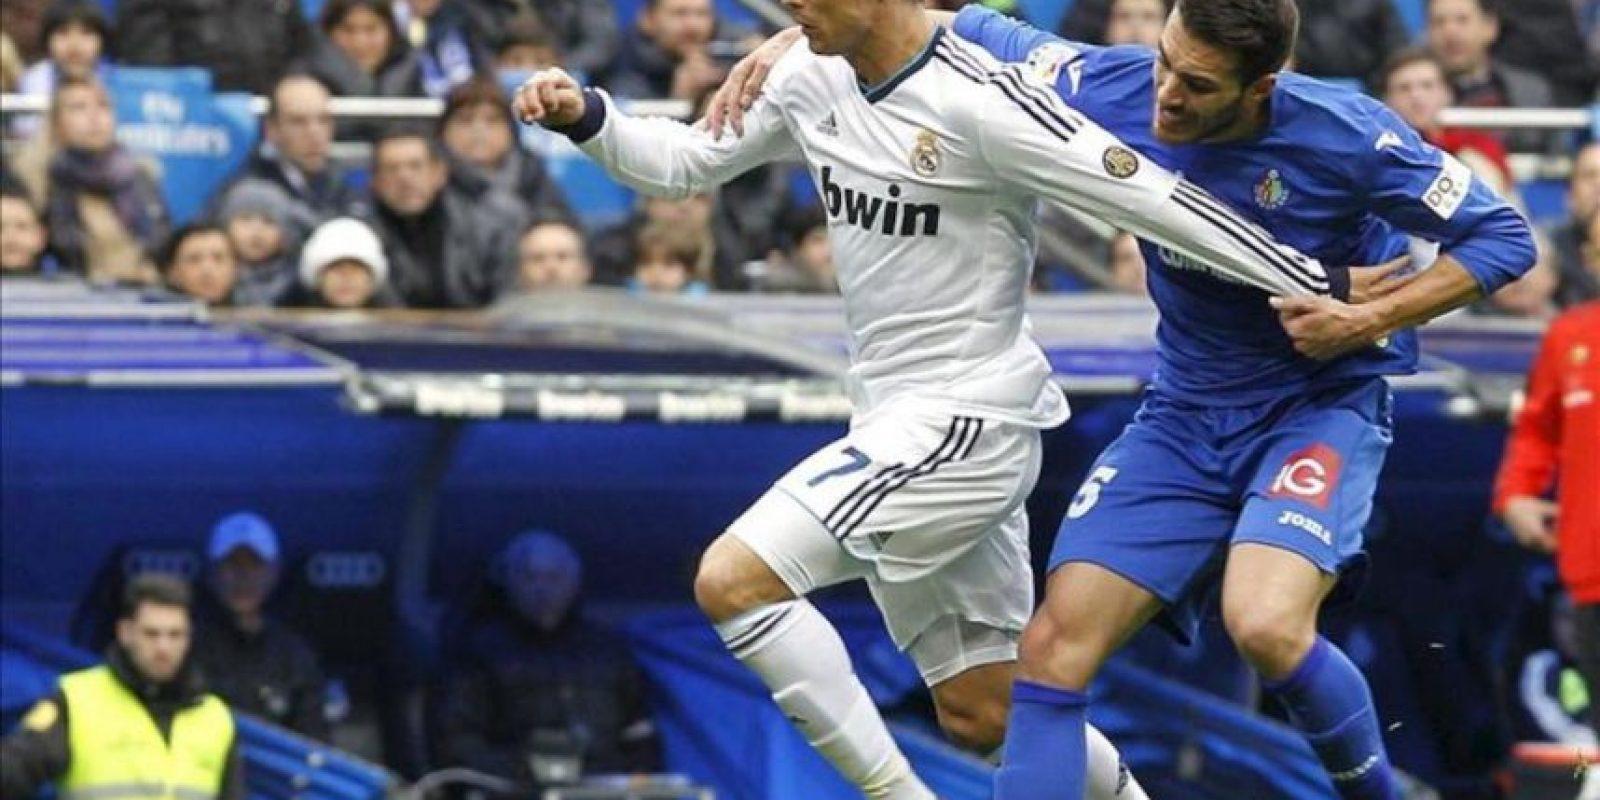 El delantero portugués del Real Madrid, Cristiano Ronaldo (i), intenta controlar el balón ante el defensa del Getafe, Rafa López (d), durante el partido correspondiente a la vigésimo primera jornada de la Liga de fútbol de Primera División en el estadio Santiago Bernabéu, en Madrid. EFE